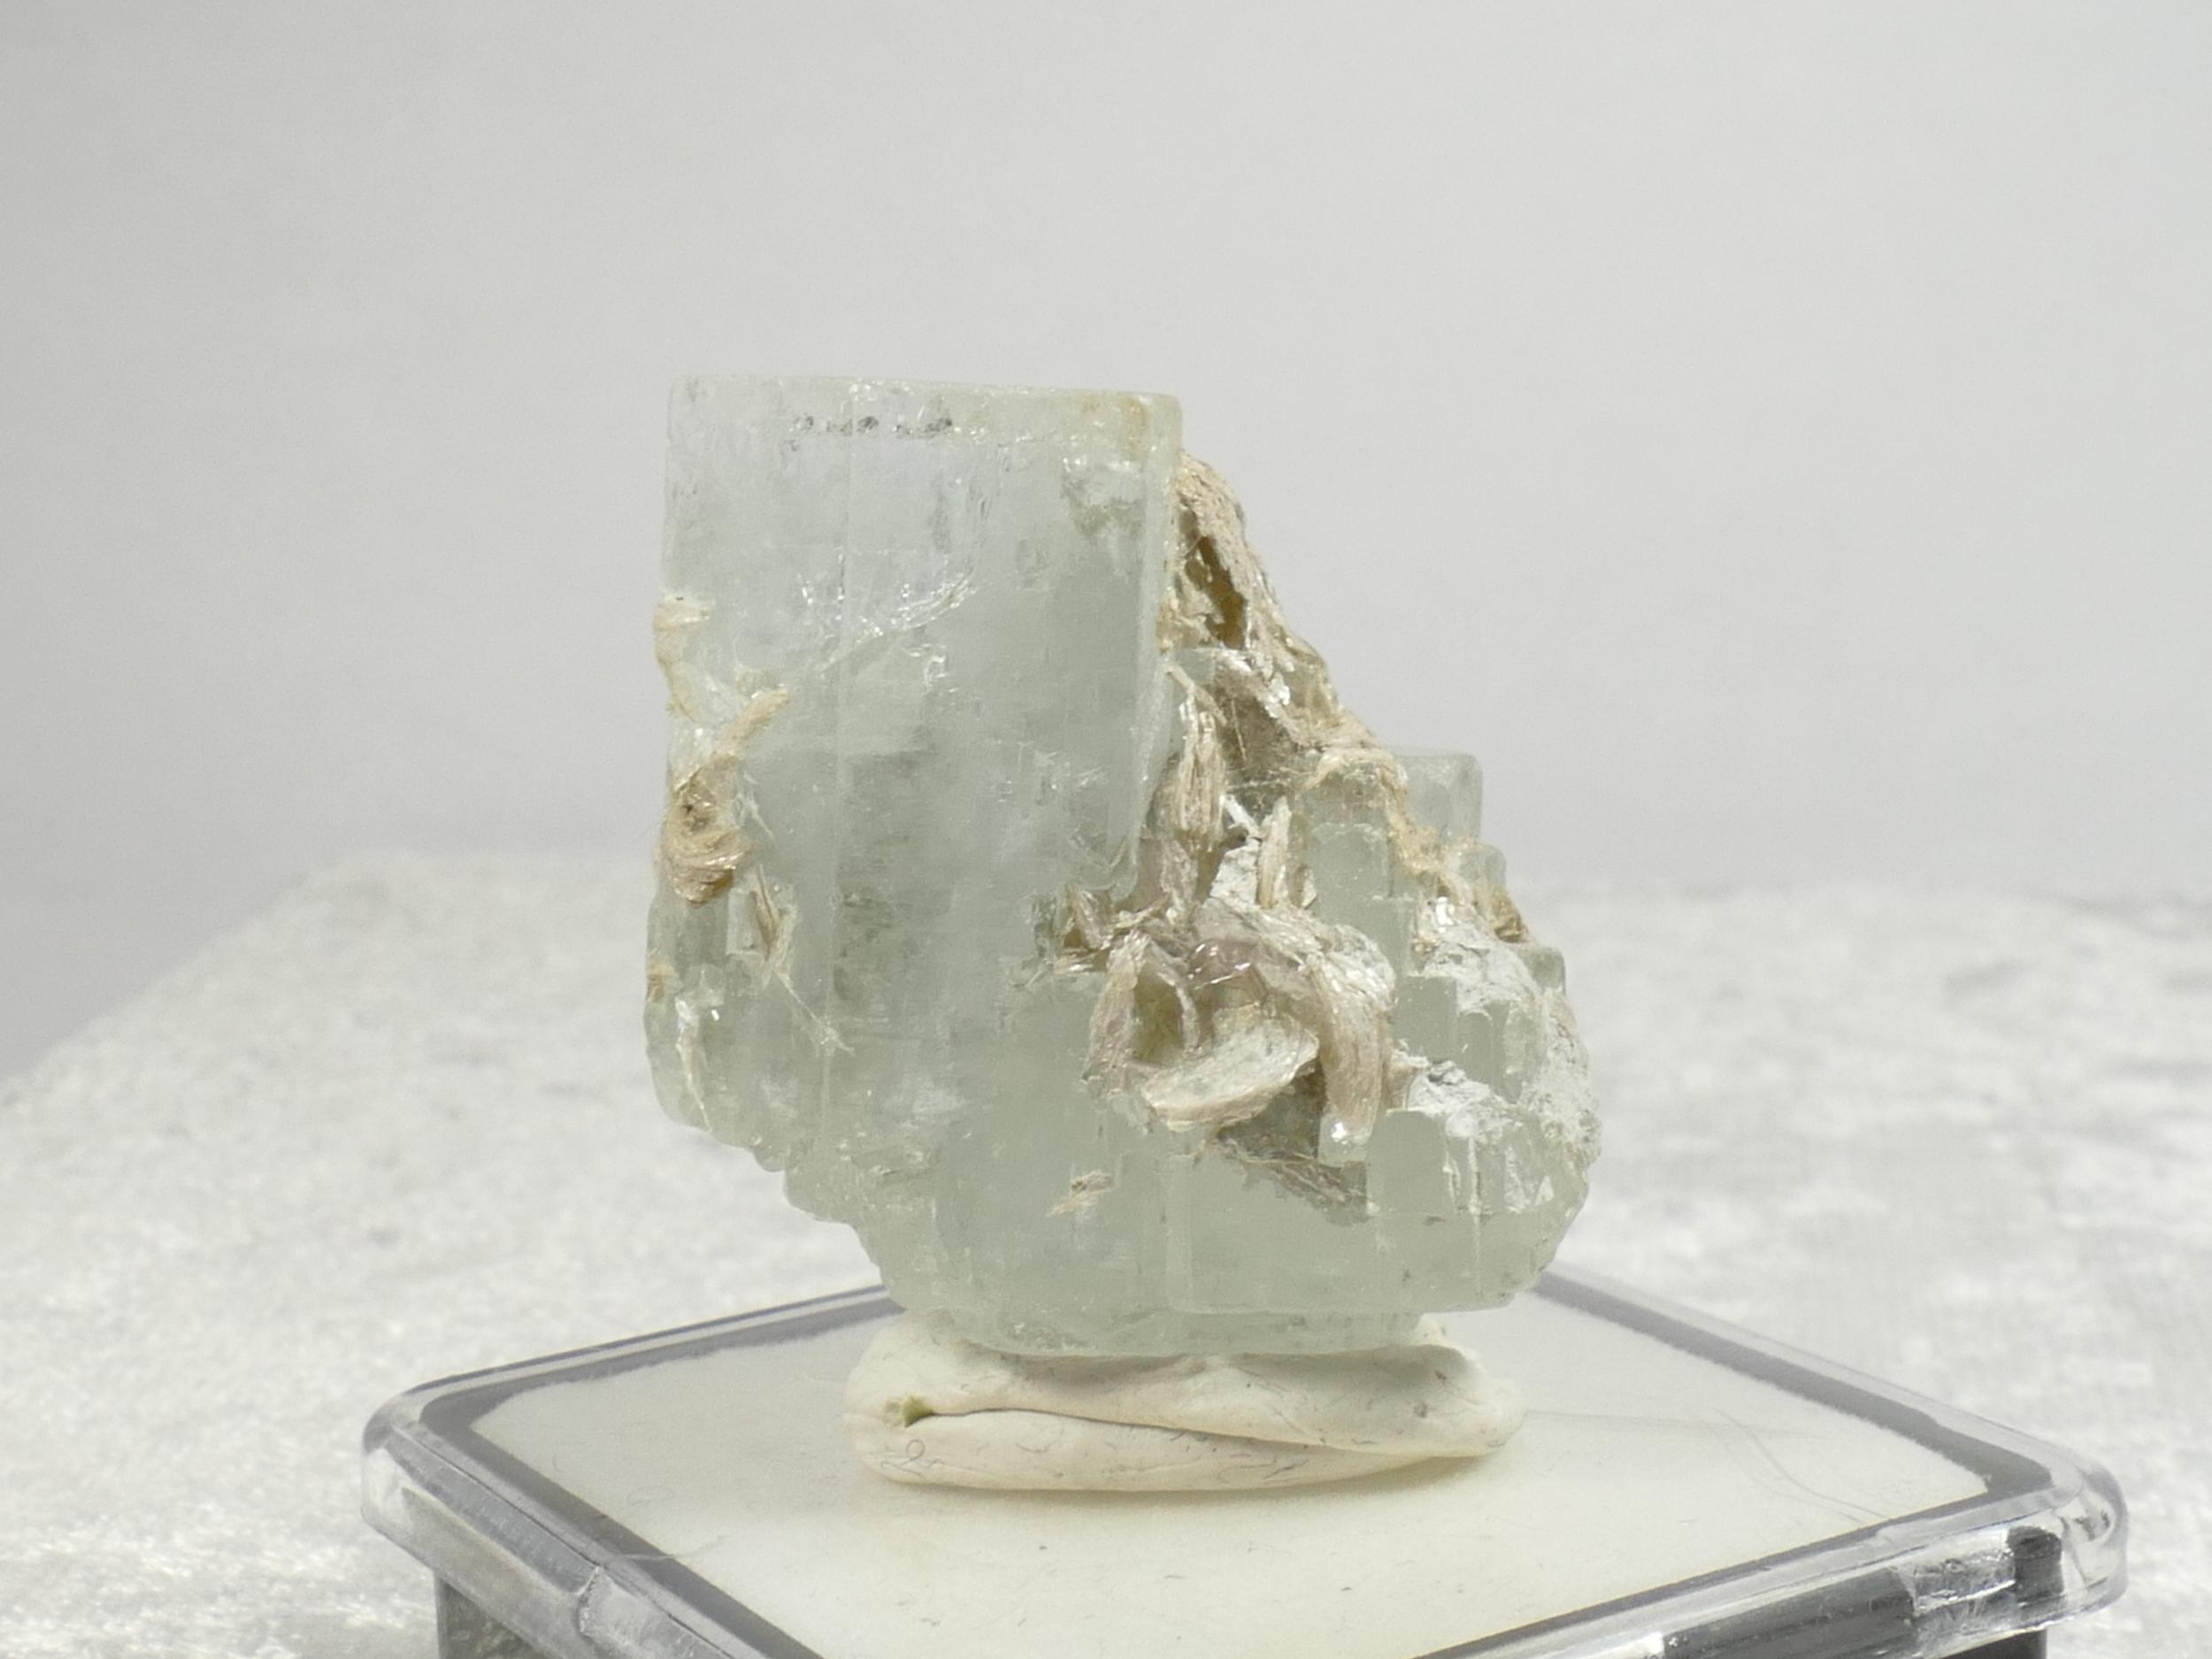 28.5mm Spécimen d\'Aigue-marine bute naturelle du Pakistan 18.85g cristal forme naturelle hexagonale (#PB924)